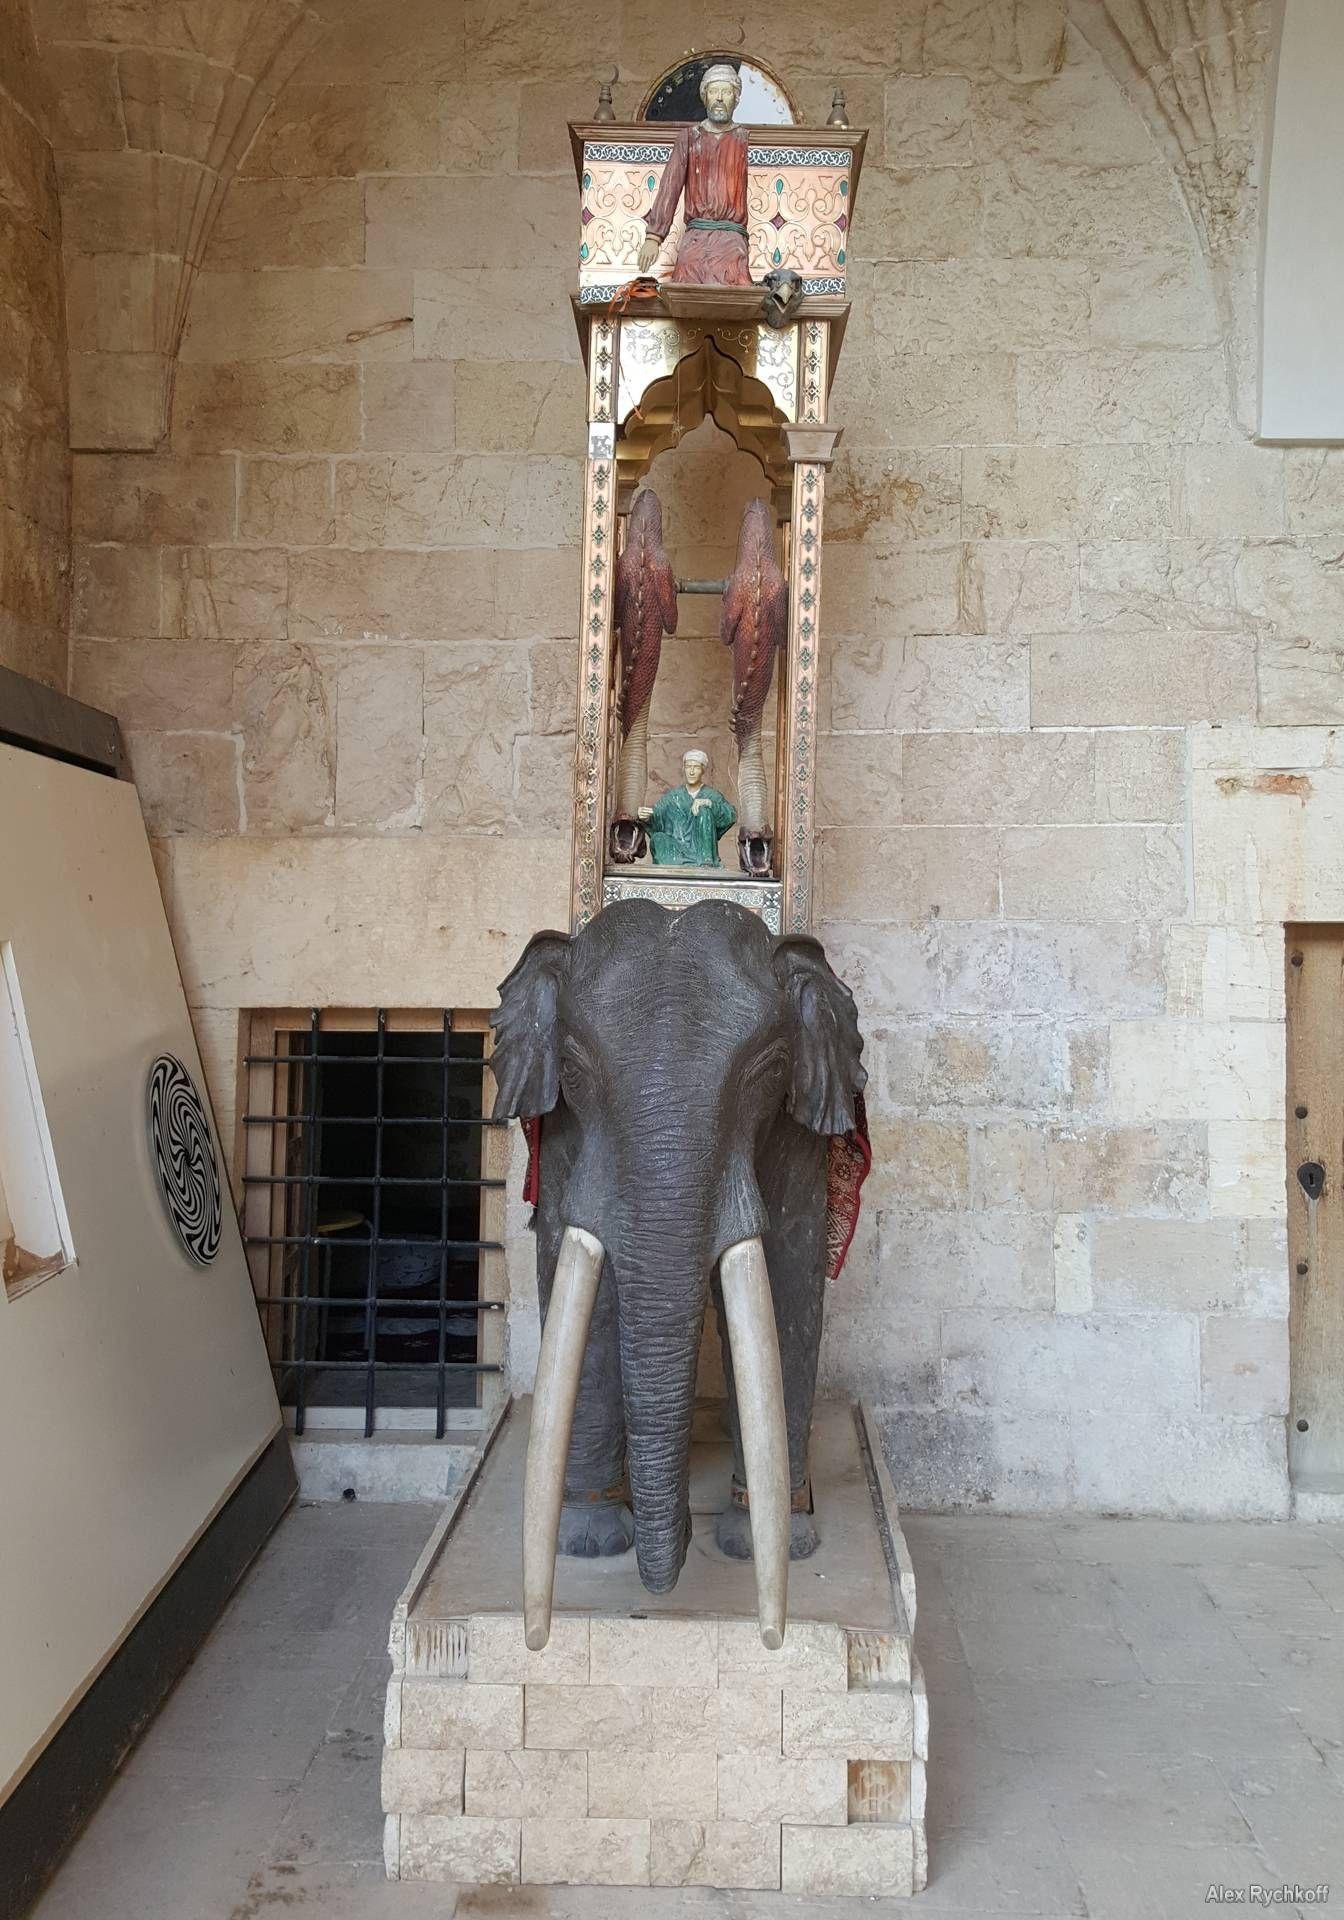 An elephant clock